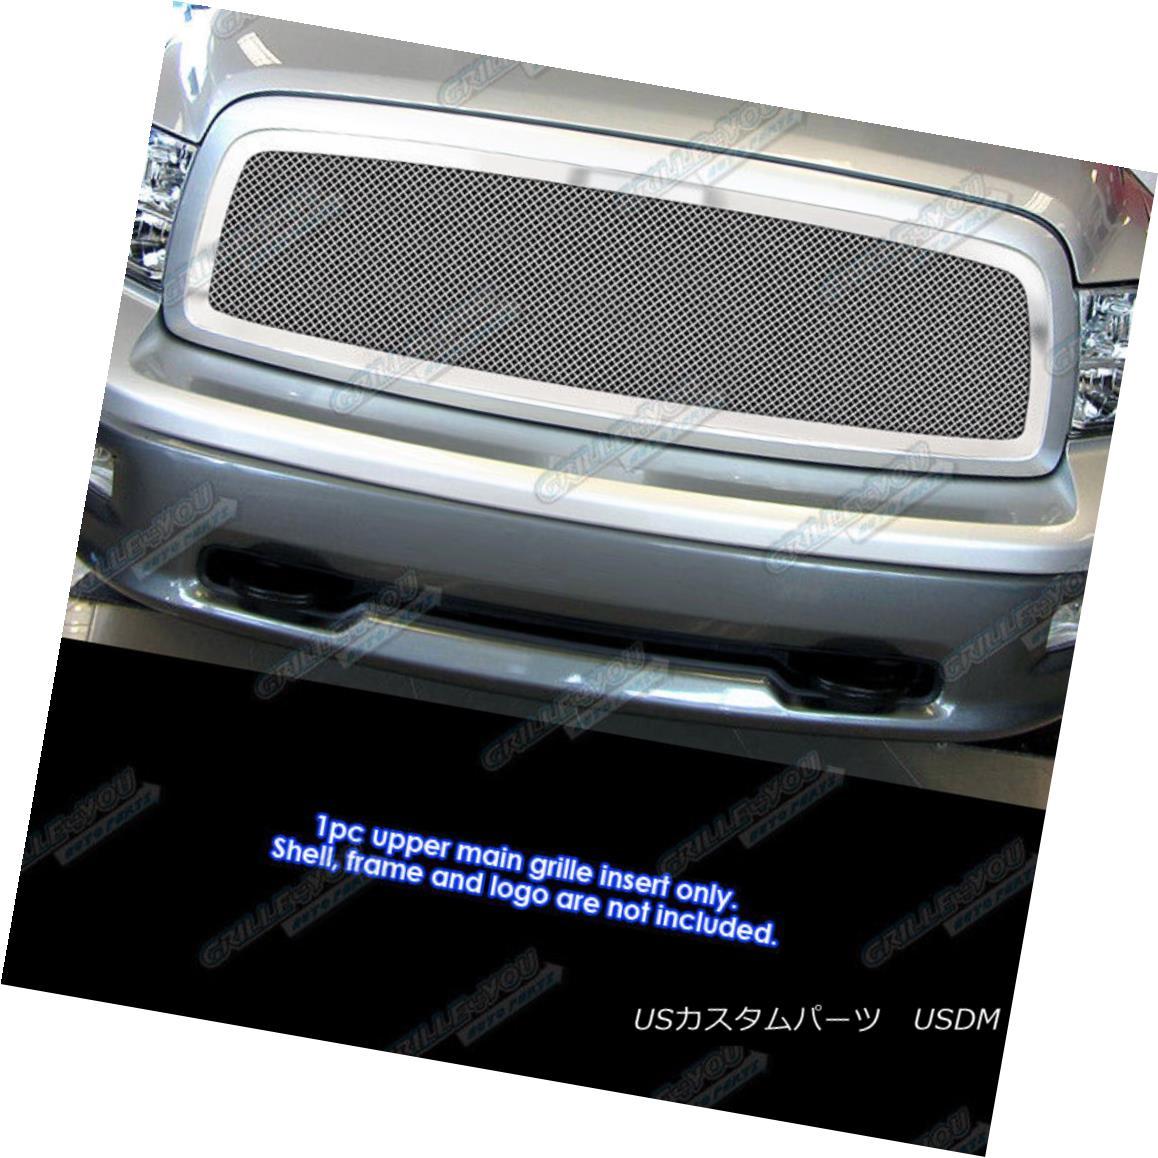 グリル Fits 2009-2012 Dodge Ram 1500 Mesh Grille Grill Insert 2009-2012 Dodge Ram 1500メッシュグリルグリルインサート